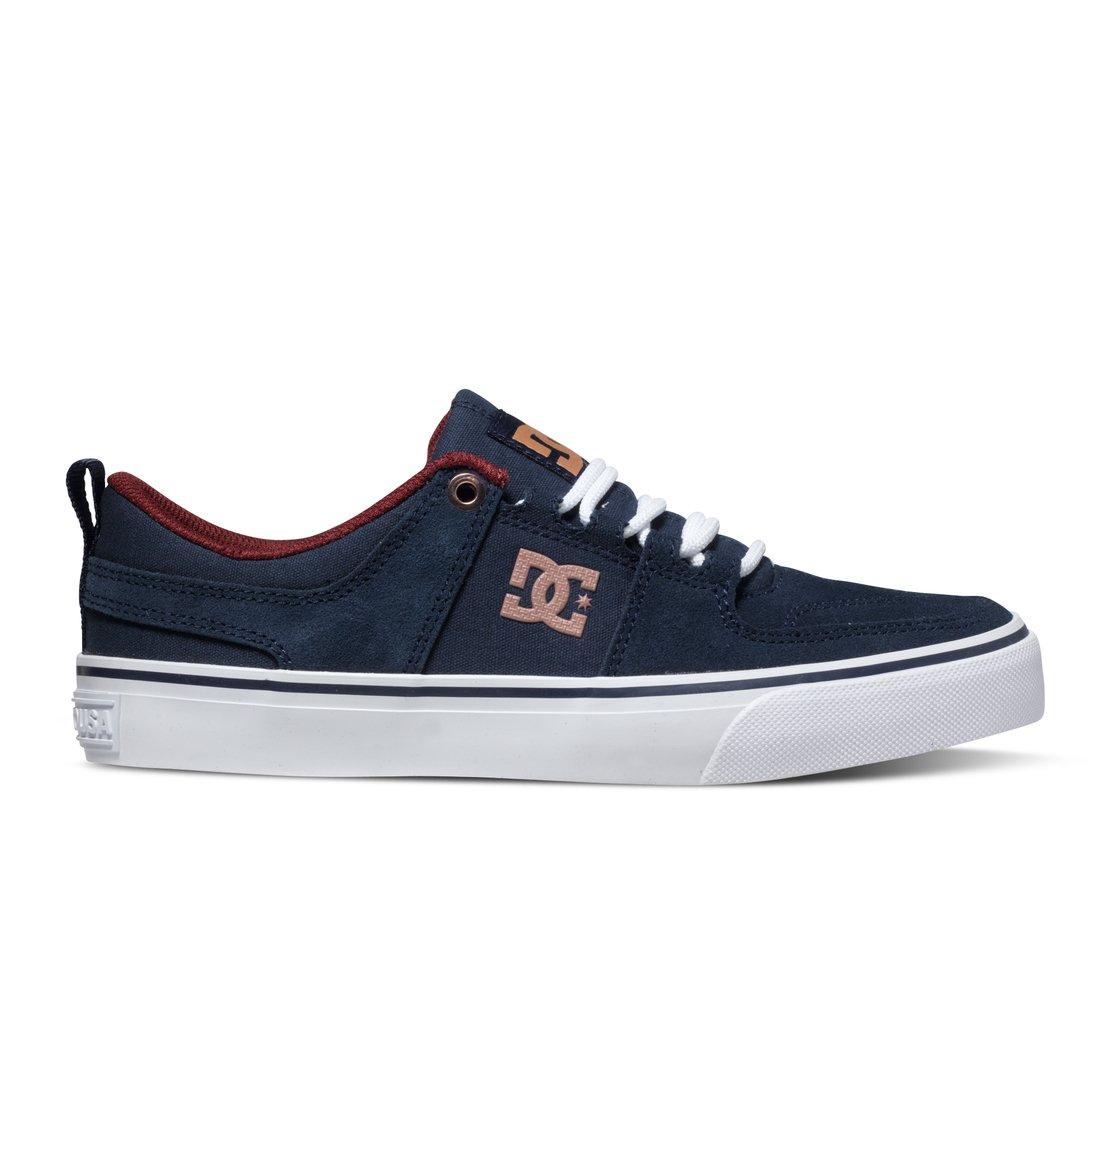 Lynx Vulc - Low-Top Shoes - Dcshoes<br>